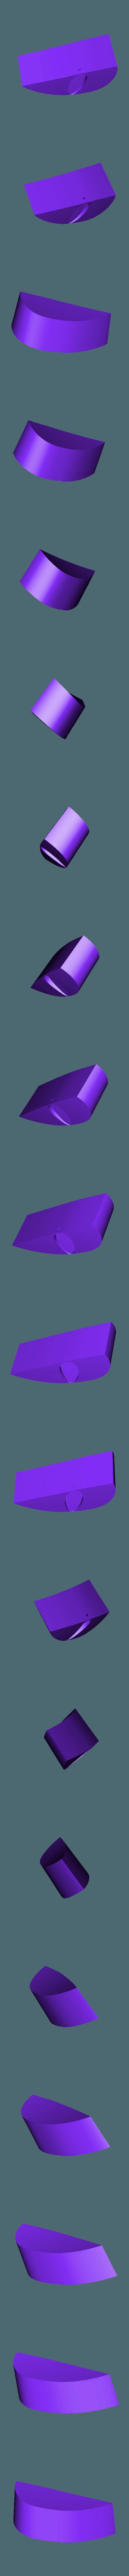 eye Left.stl Télécharger fichier STL gratuit Gigantamax Gengar dans un marais (Pokemon) キョダイマックス ゲンガー MMU Pièces multicolores • Design pour imprimante 3D, Jangie